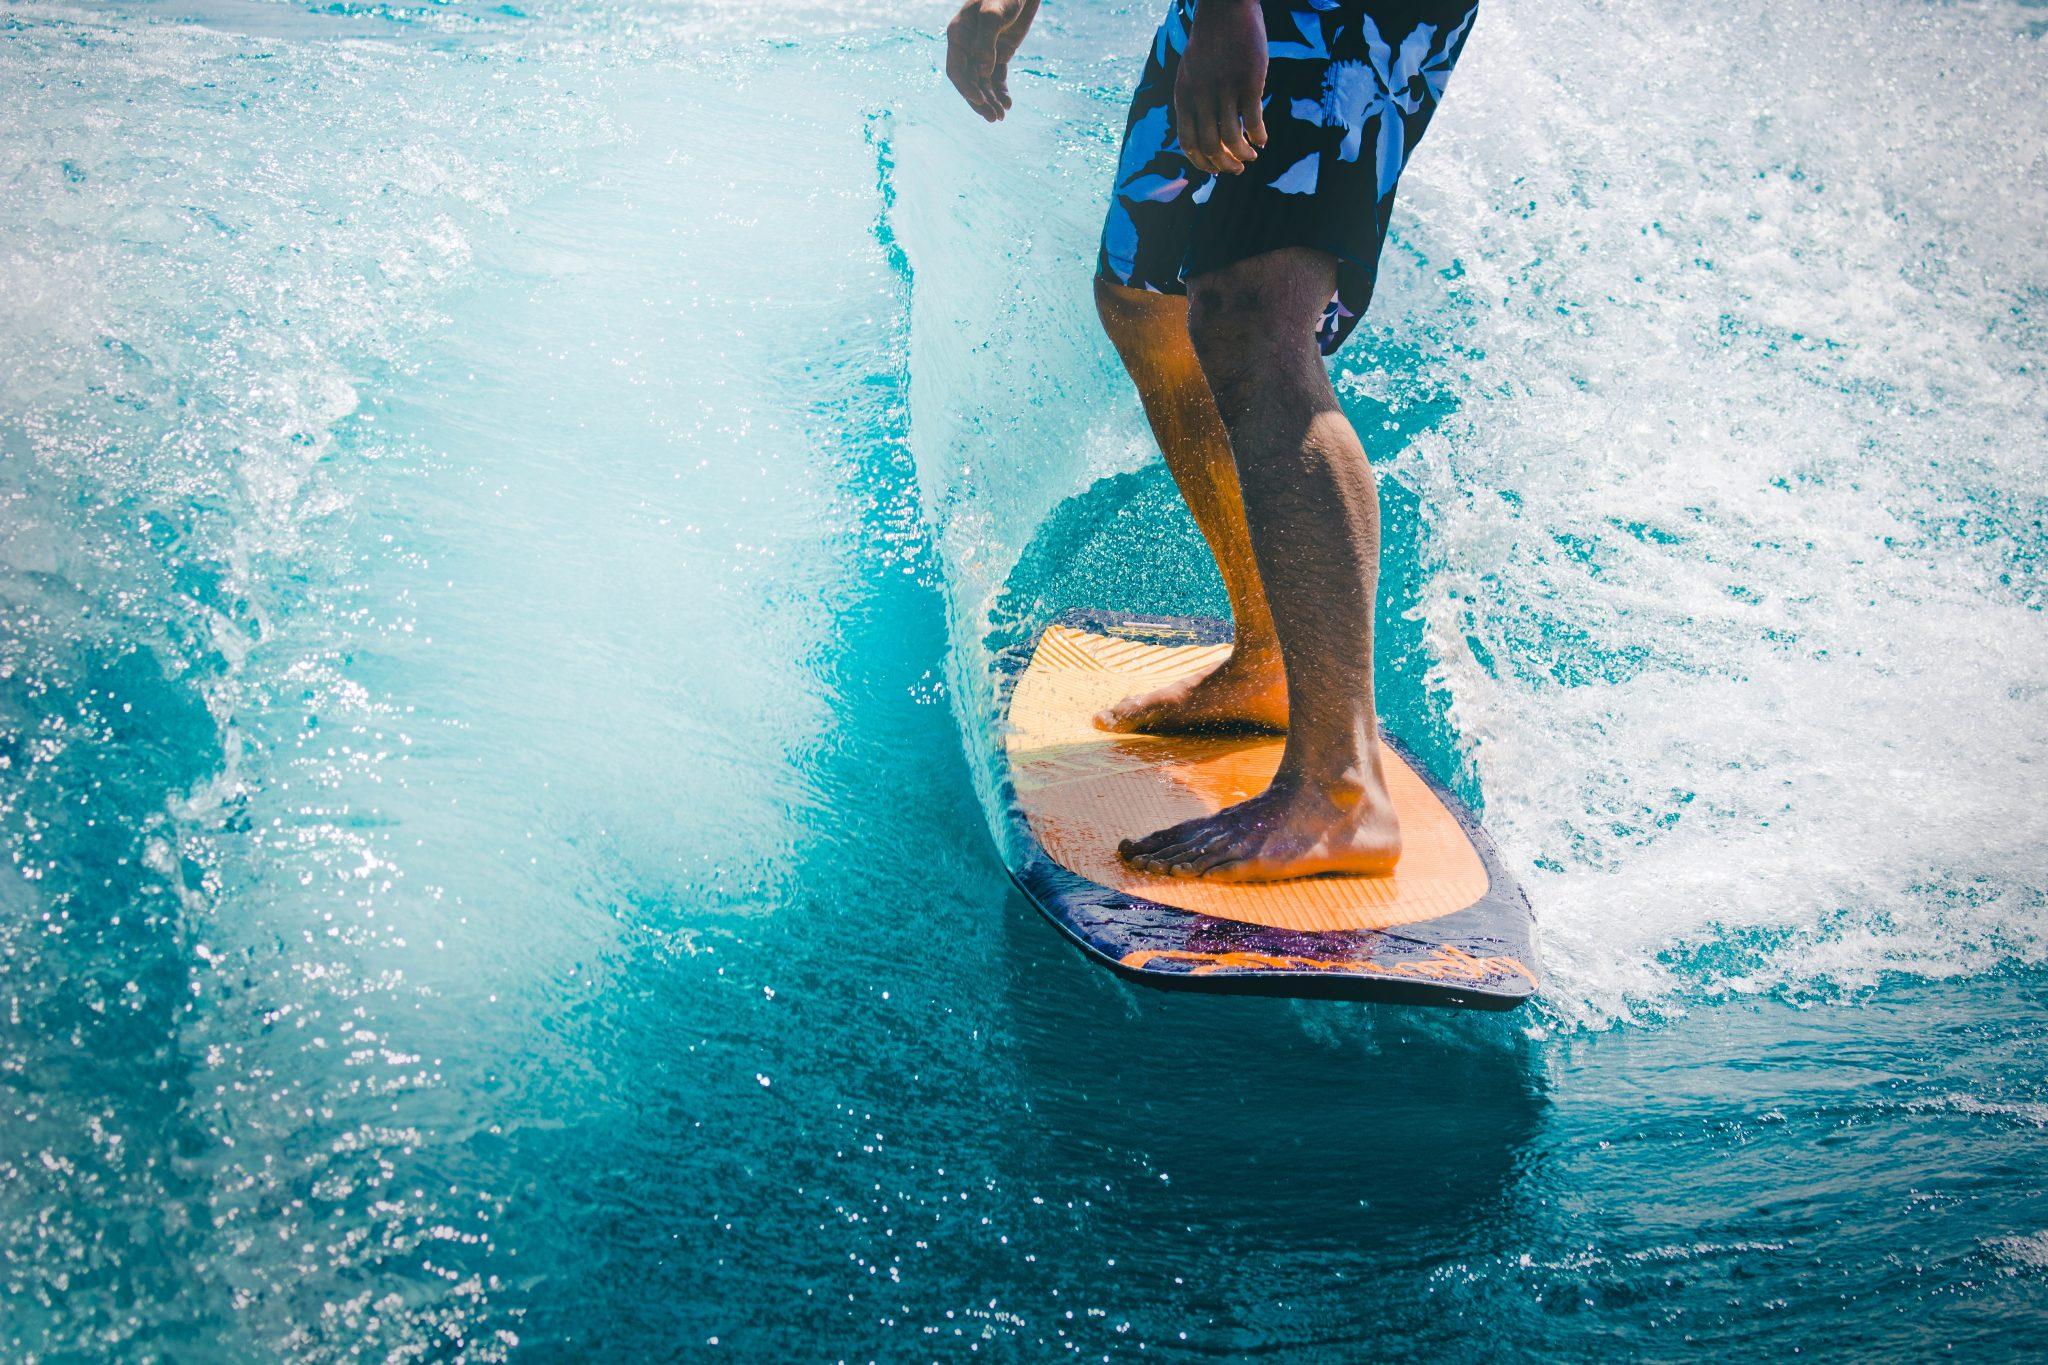 die richtige fussstellung beim surfen